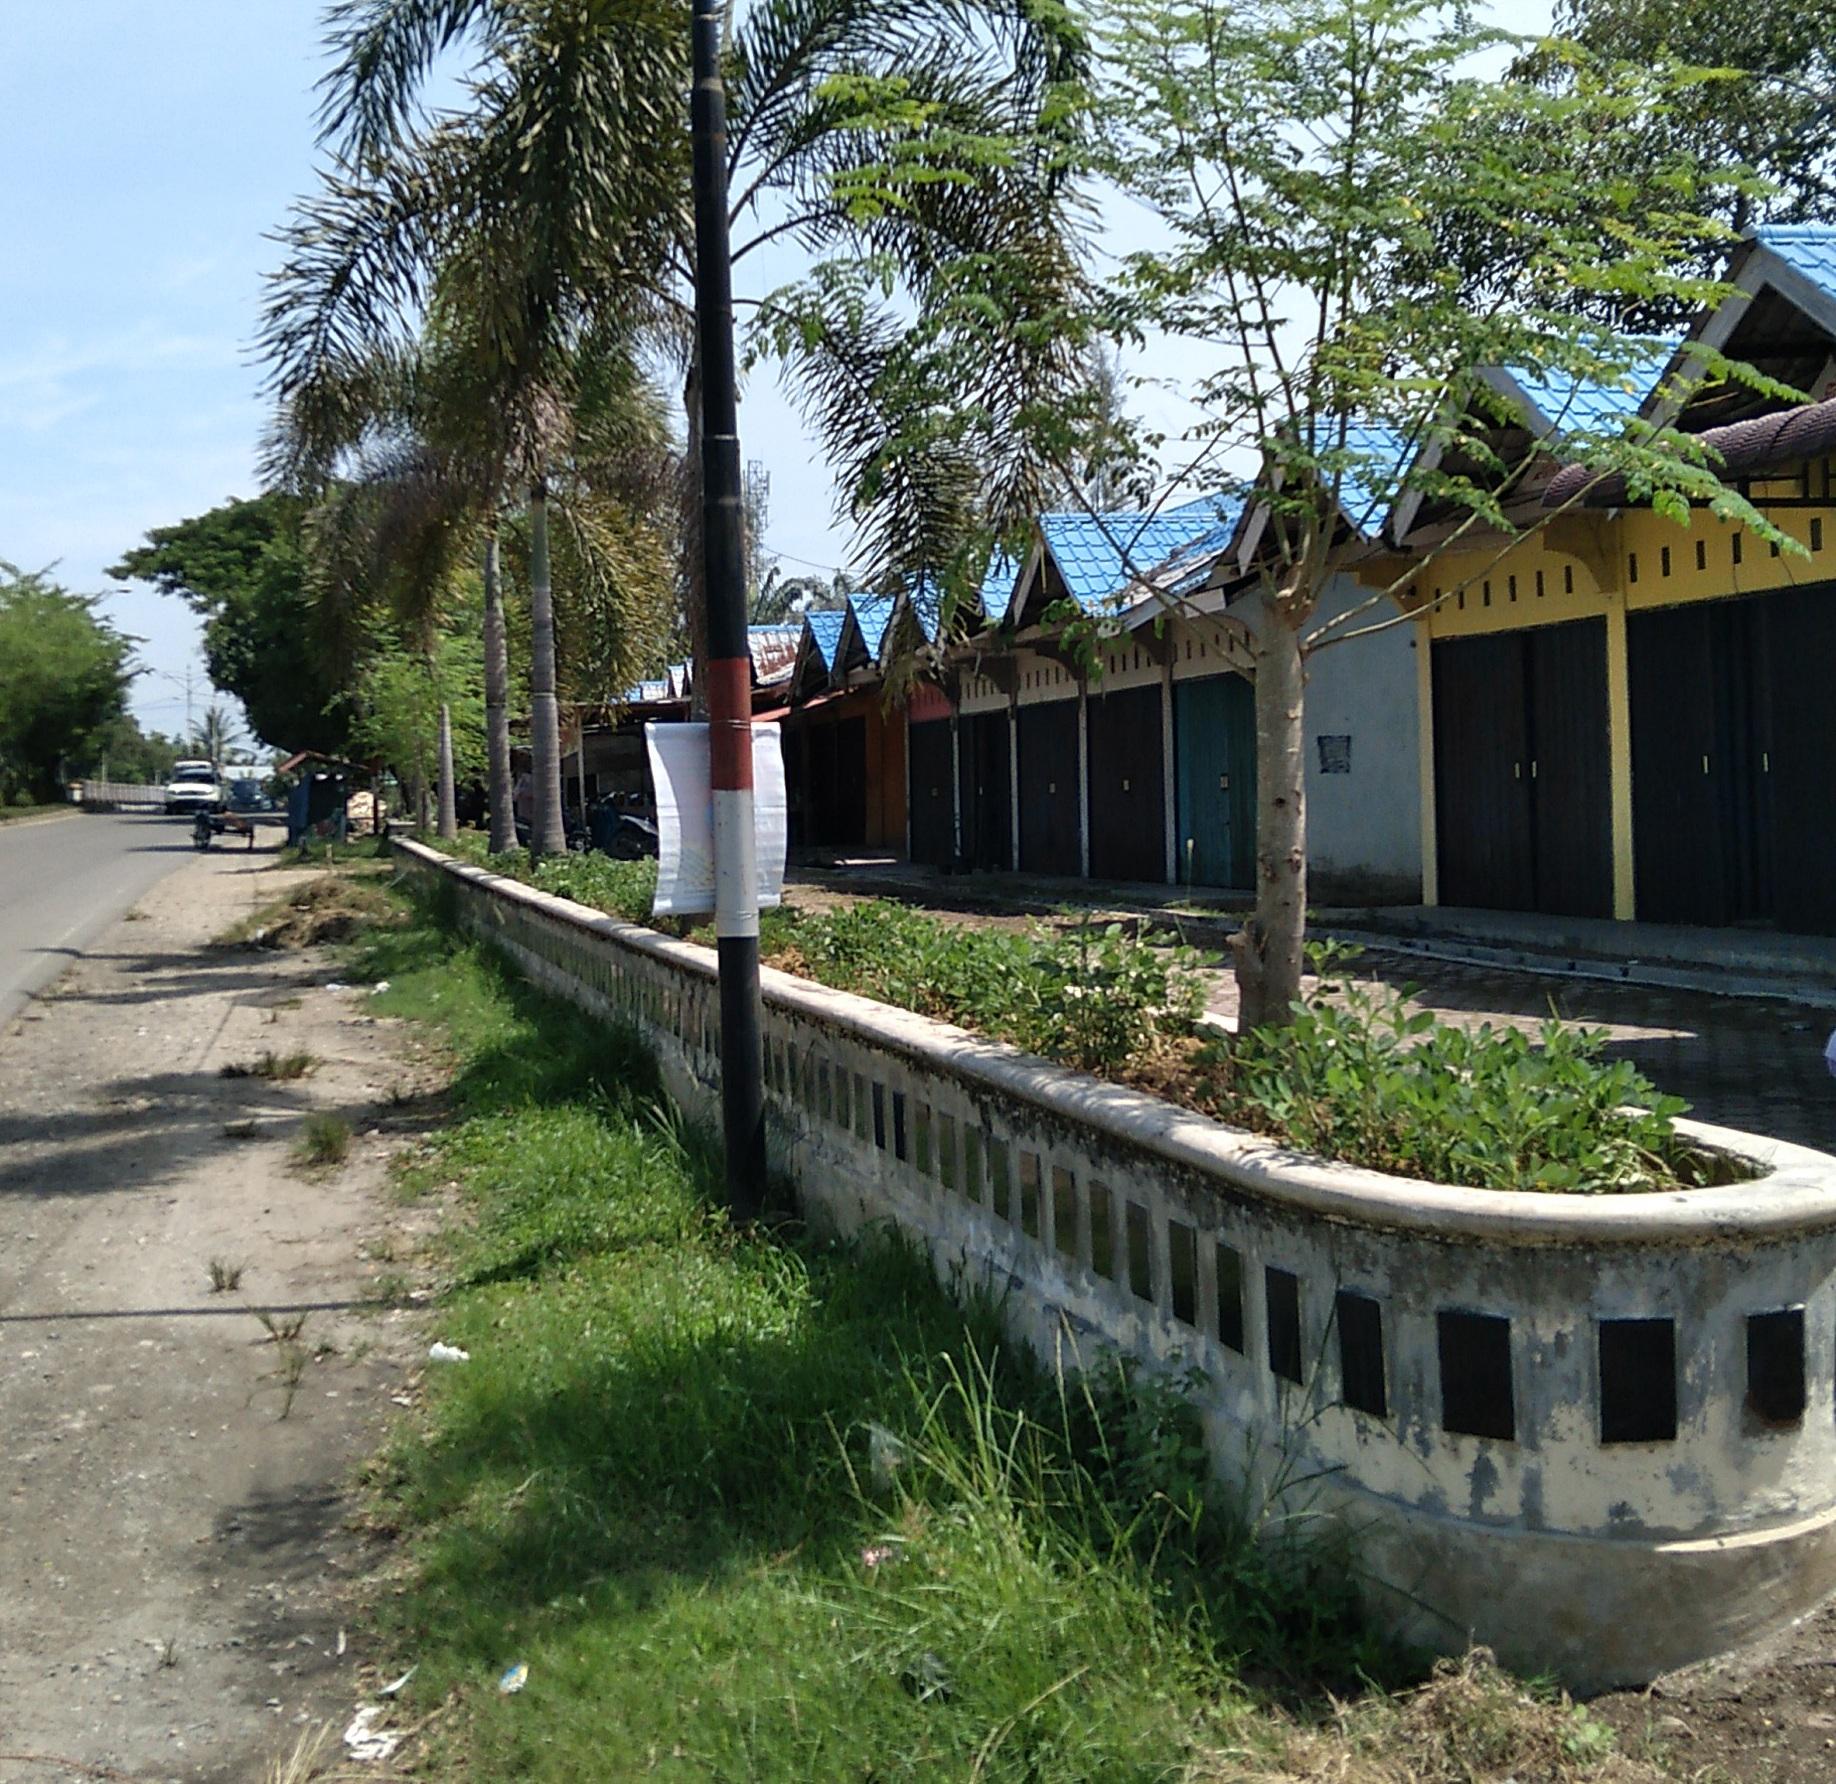 Penimbunan Tanah Dan Pembersihan Sekitar Area Kedai (Shop Lot) Titi Kembar Langsa Lama Mulai Dikerjakan Sebagai Persiapan Peresmian APPUI.